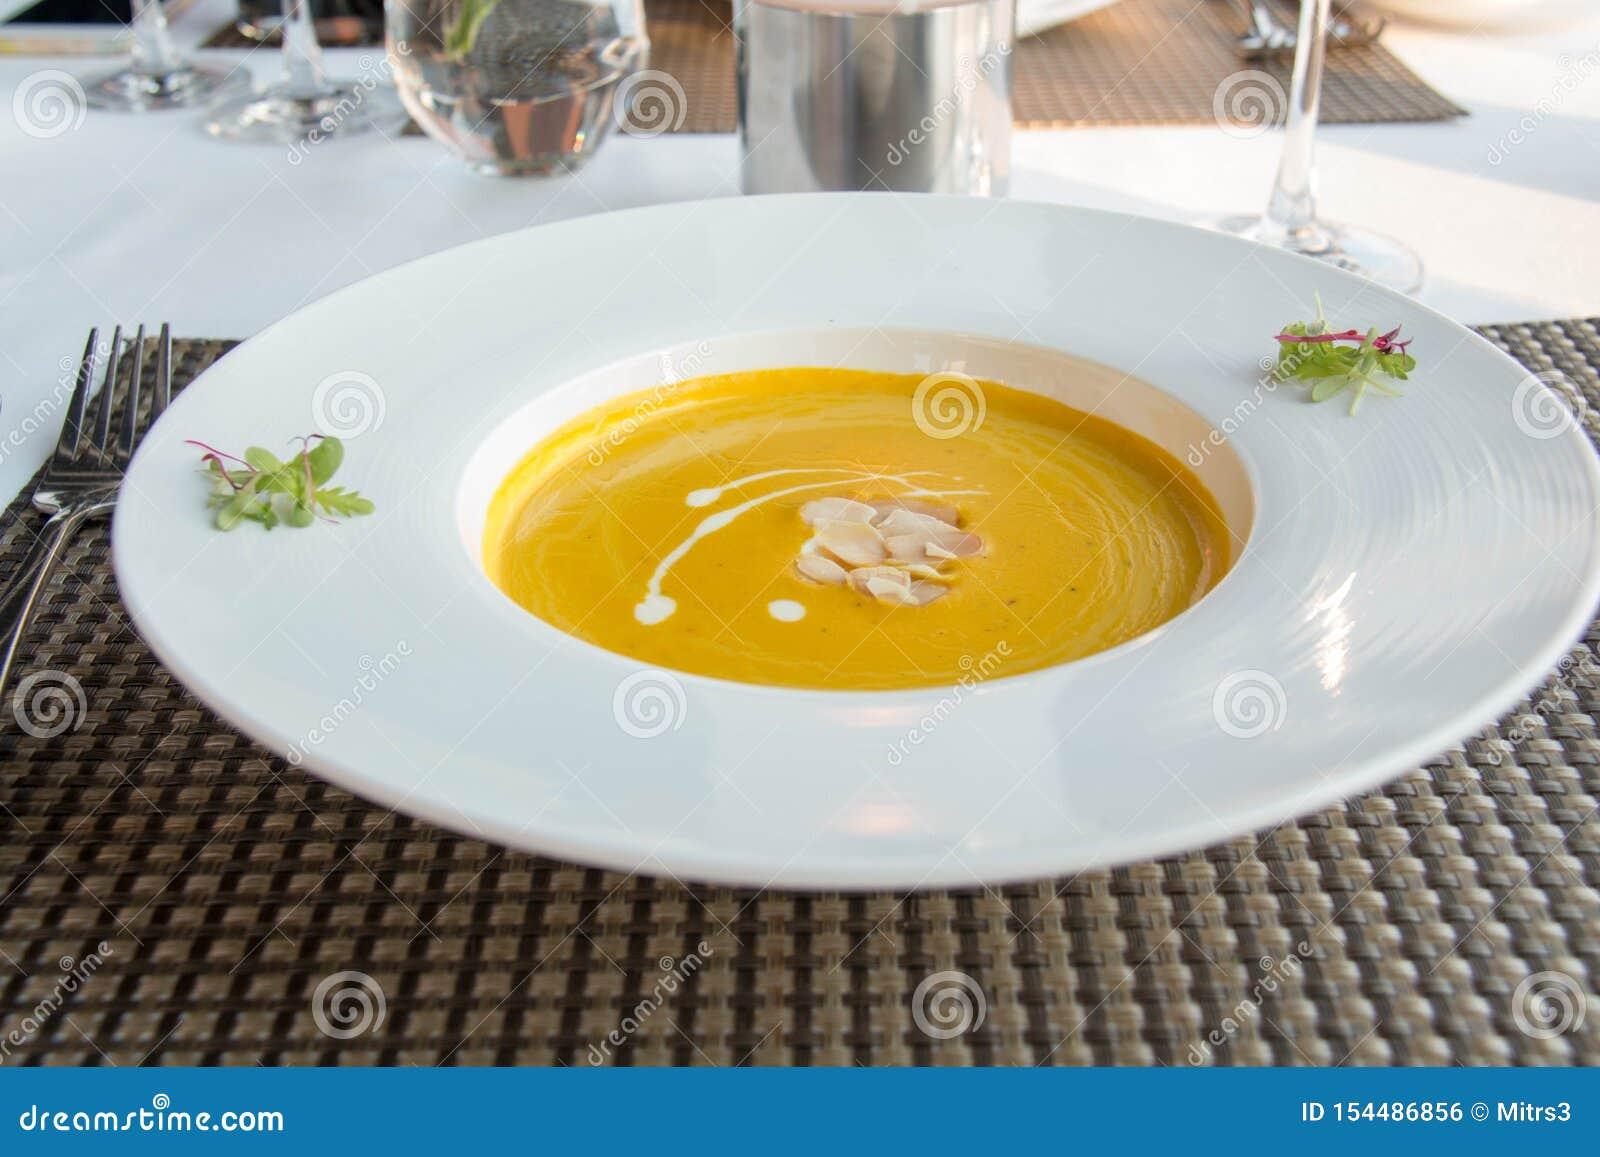 Sopa deliciosa da abóbora na bacia branca